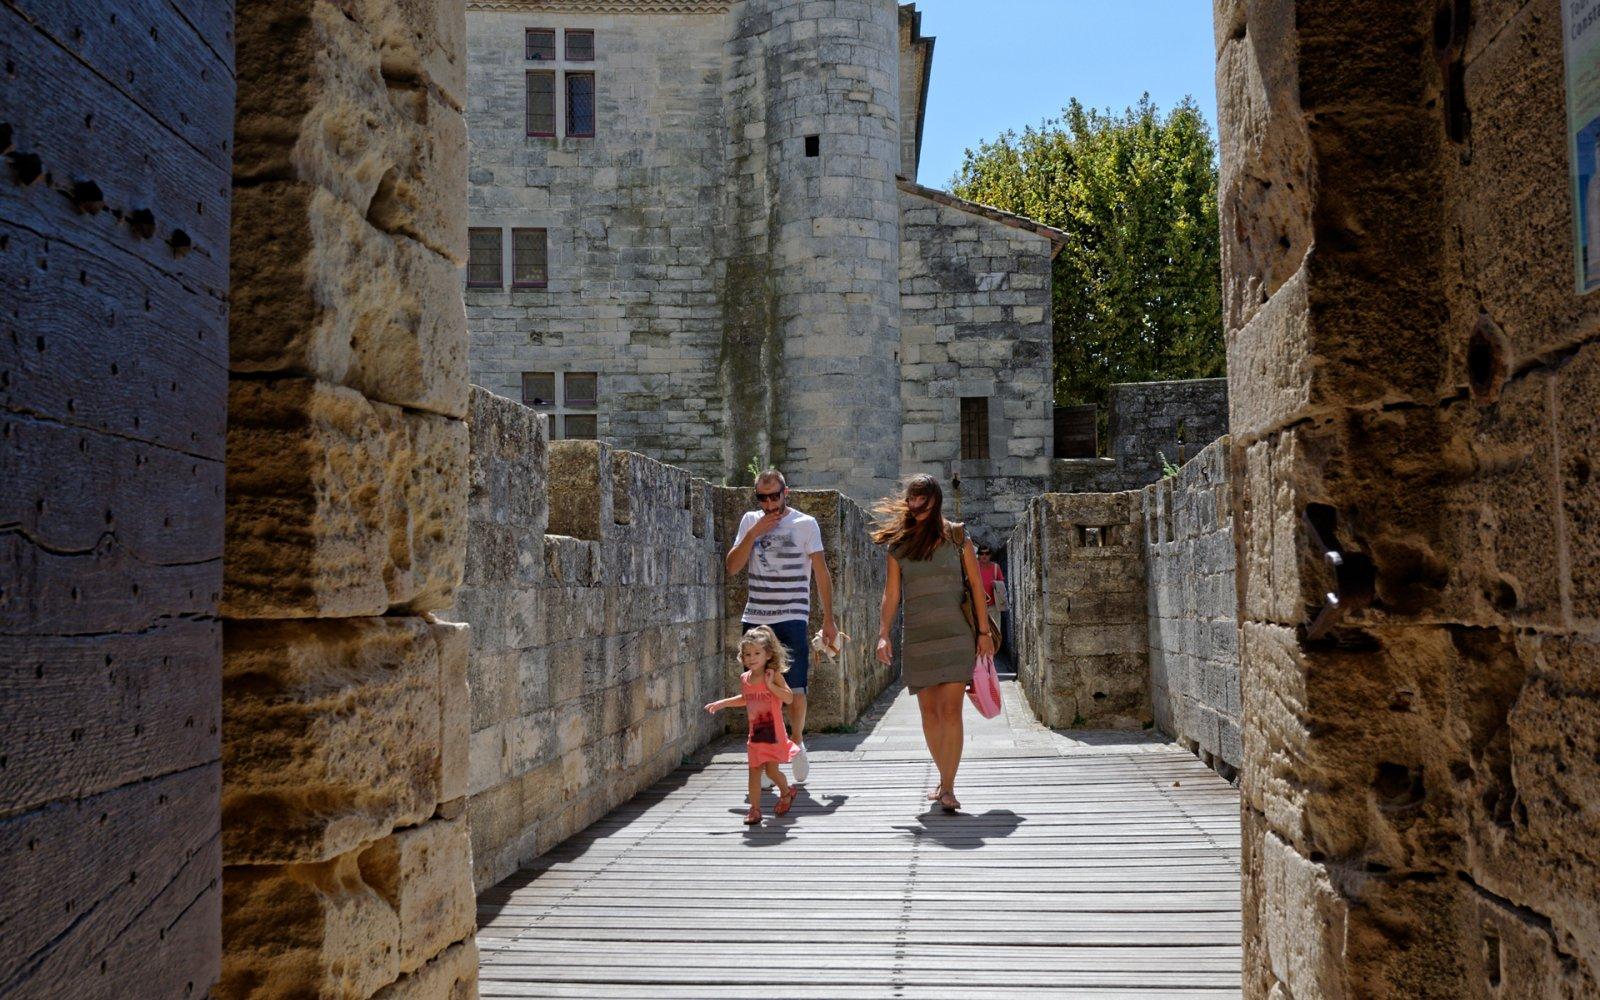 Ontdek de middeleuwse stad